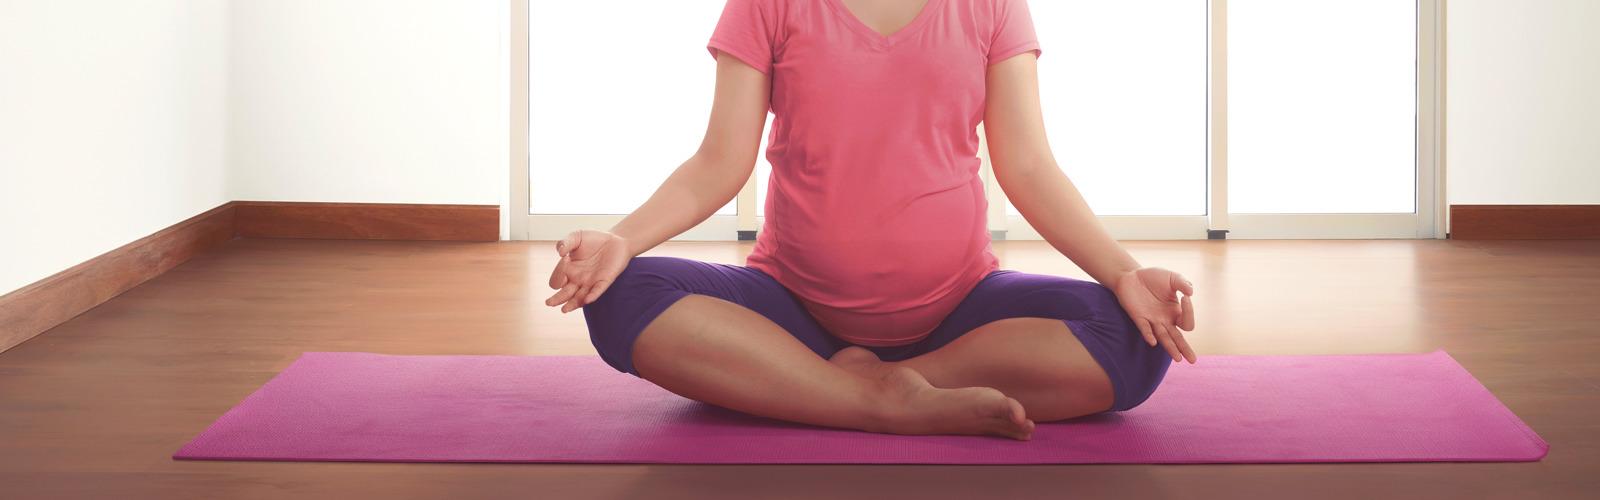 Zwangere vrouw die yoga doet en zich zelfverzekerd voelt met lights by TENA.